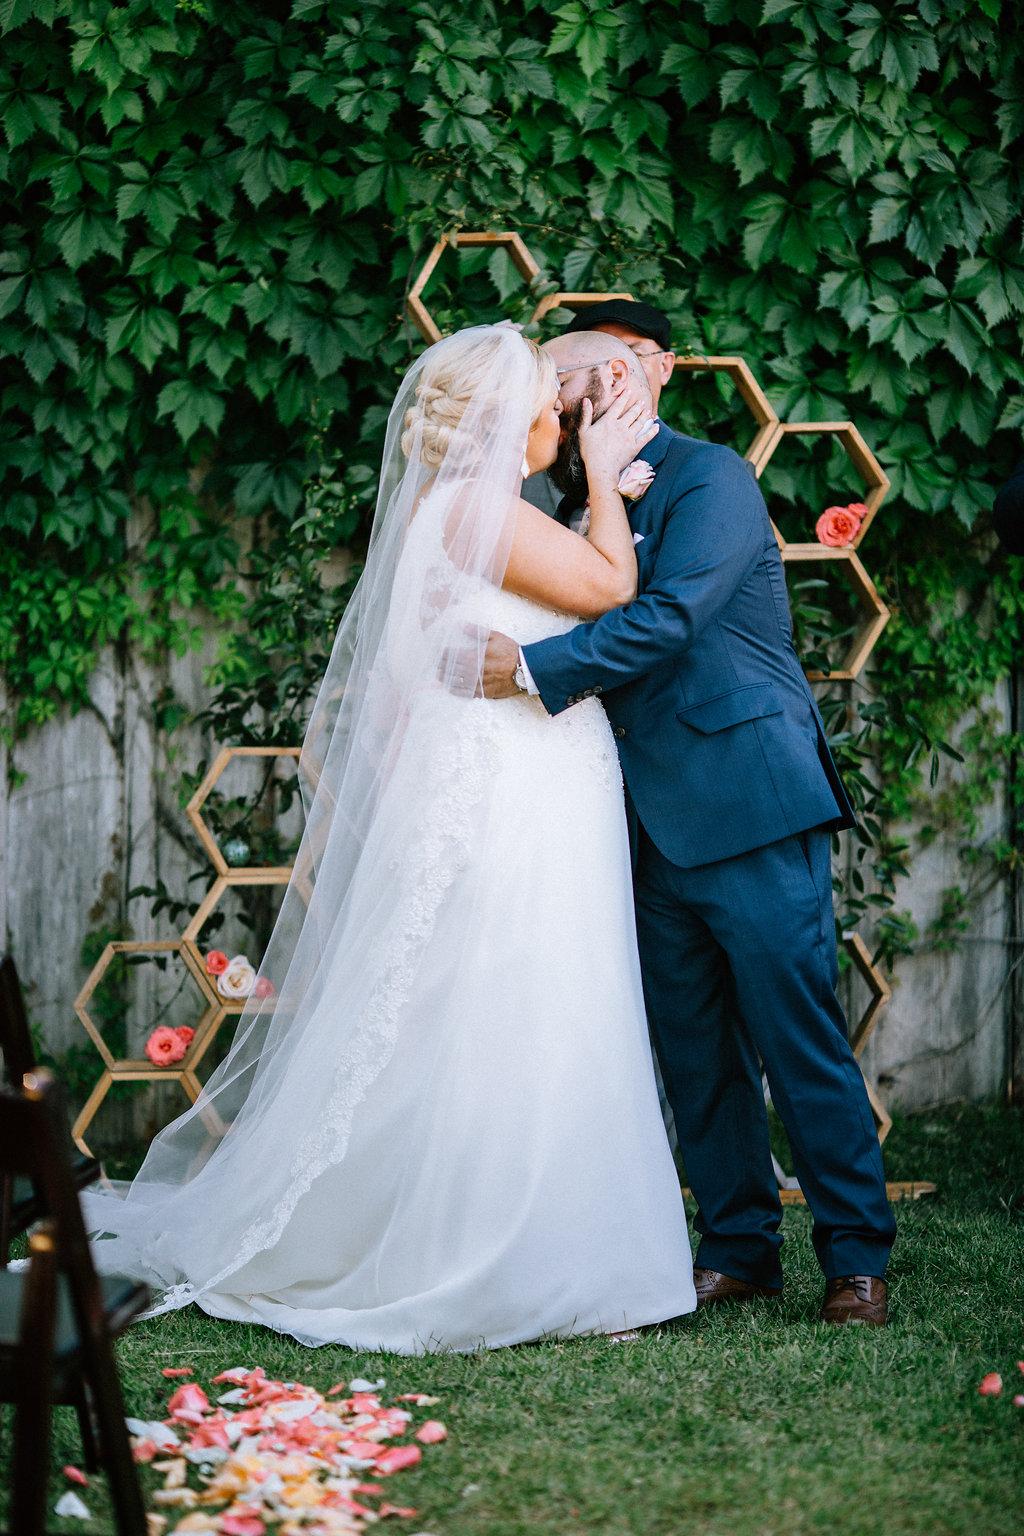 maldonado_wedding-4795.jpg